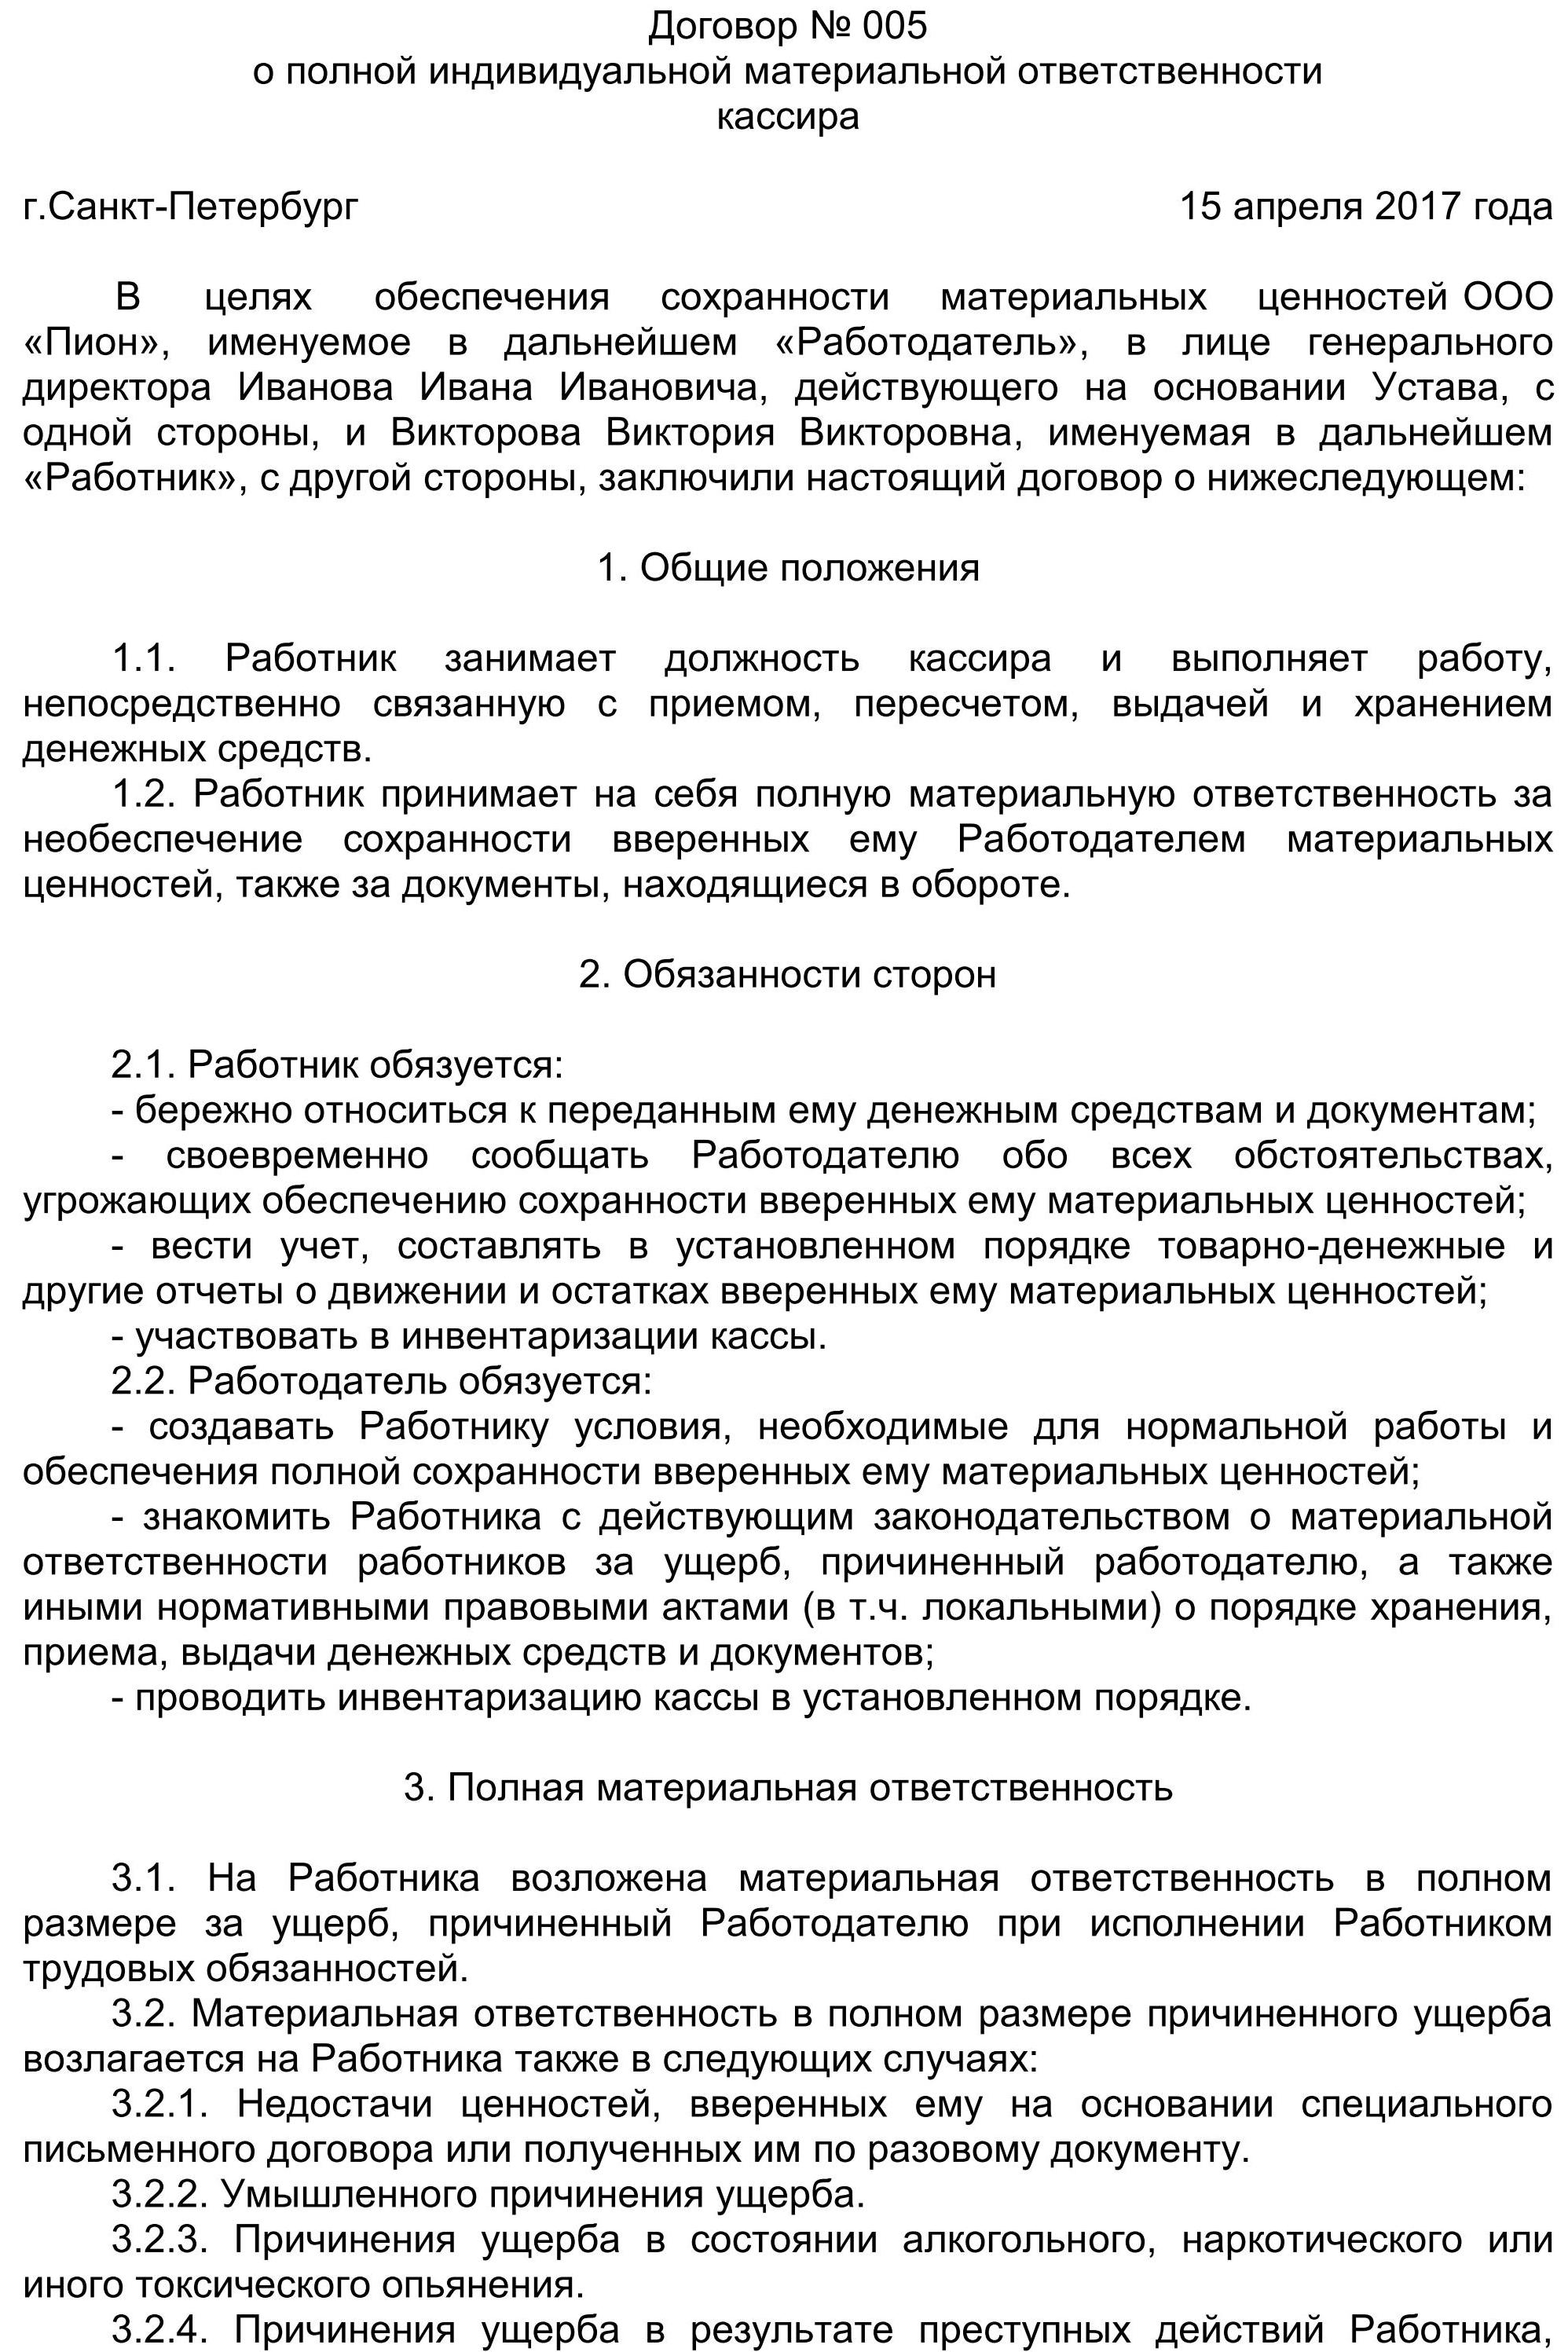 Как прописать в допсоглашении что надо исключить пункт из договора